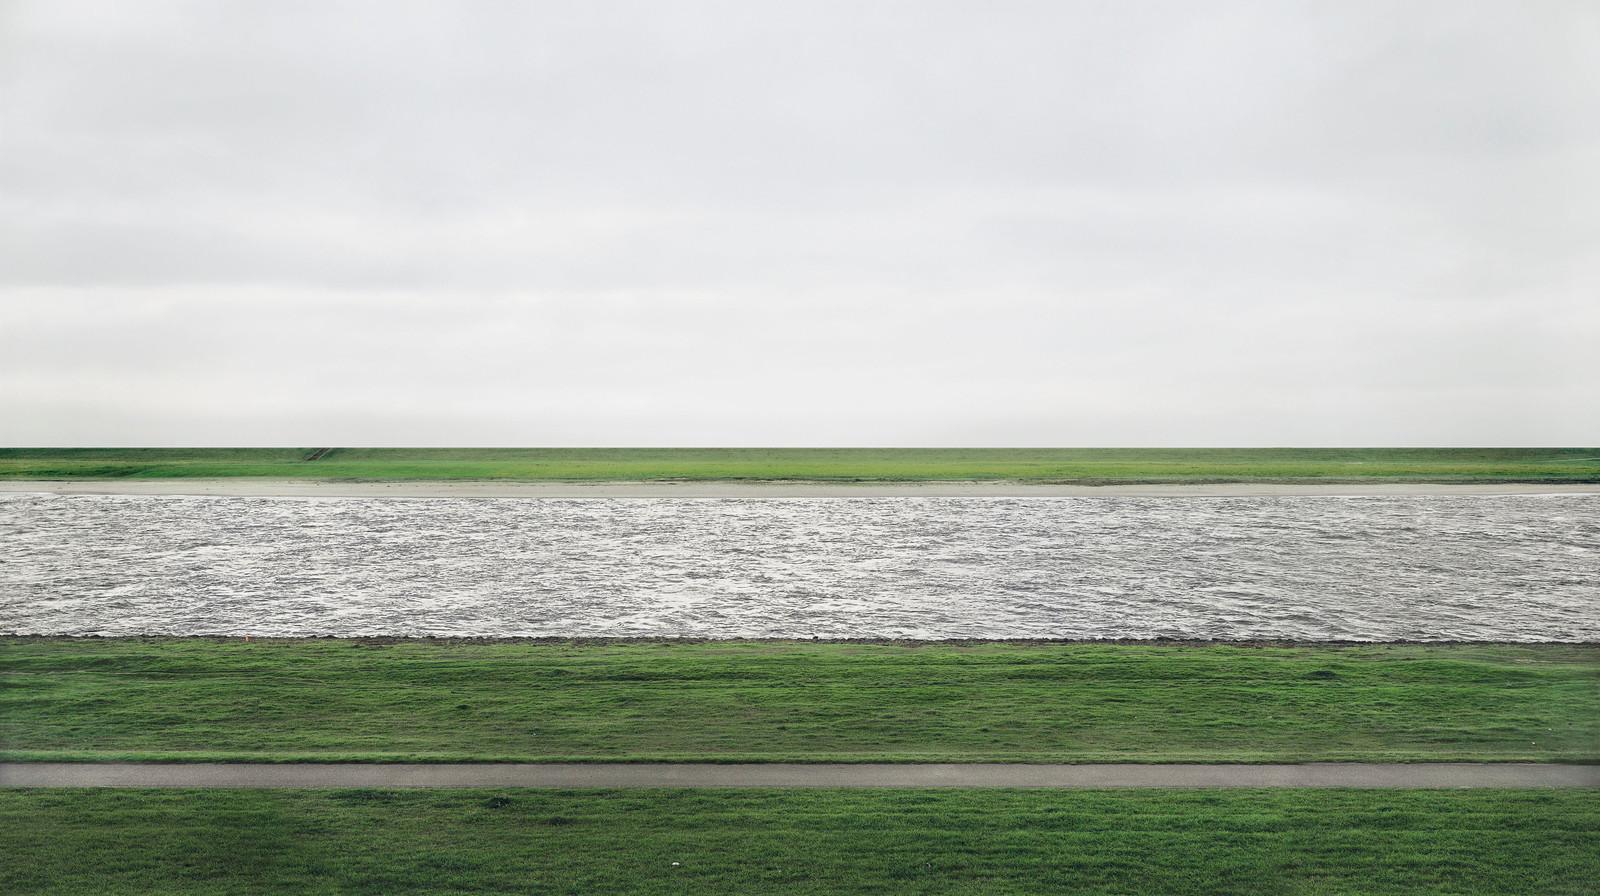 Rhein II van Andreas Gursky.